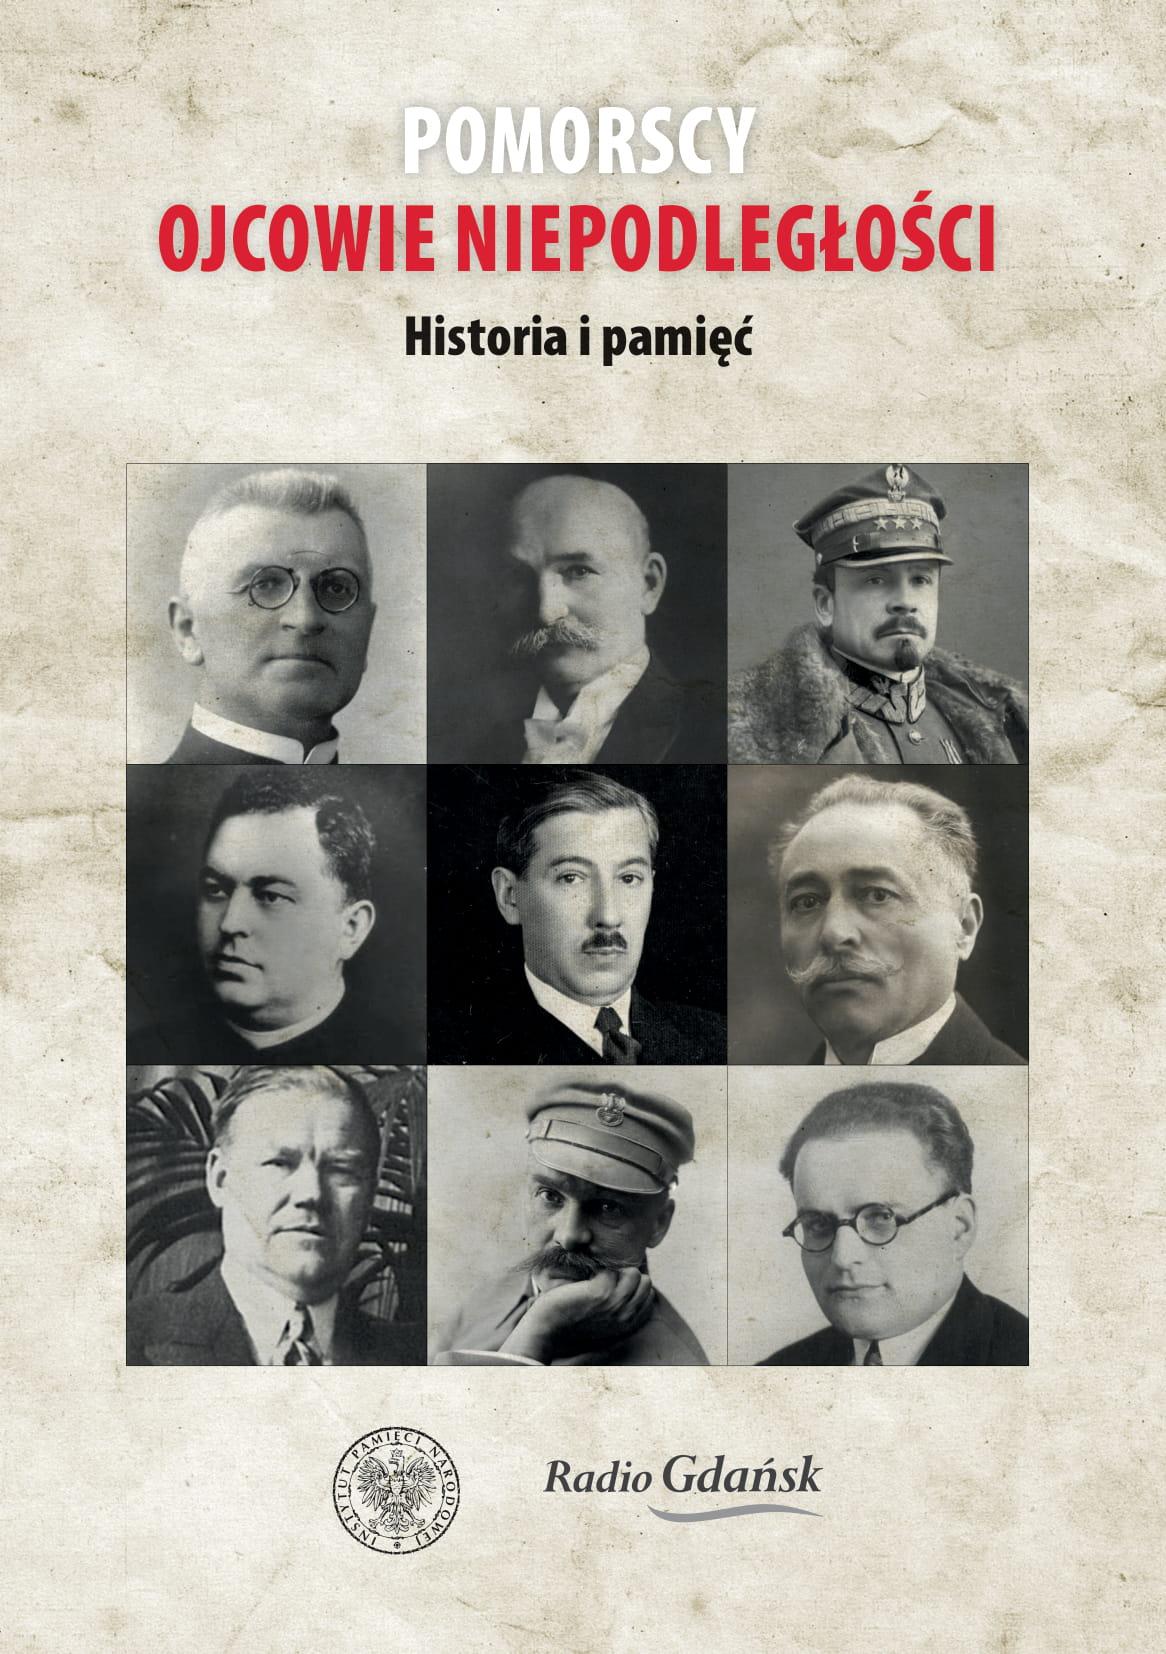 """Konkurs IPN Gdańsk """"Pomorscy Ojcowie Niepodległości"""""""